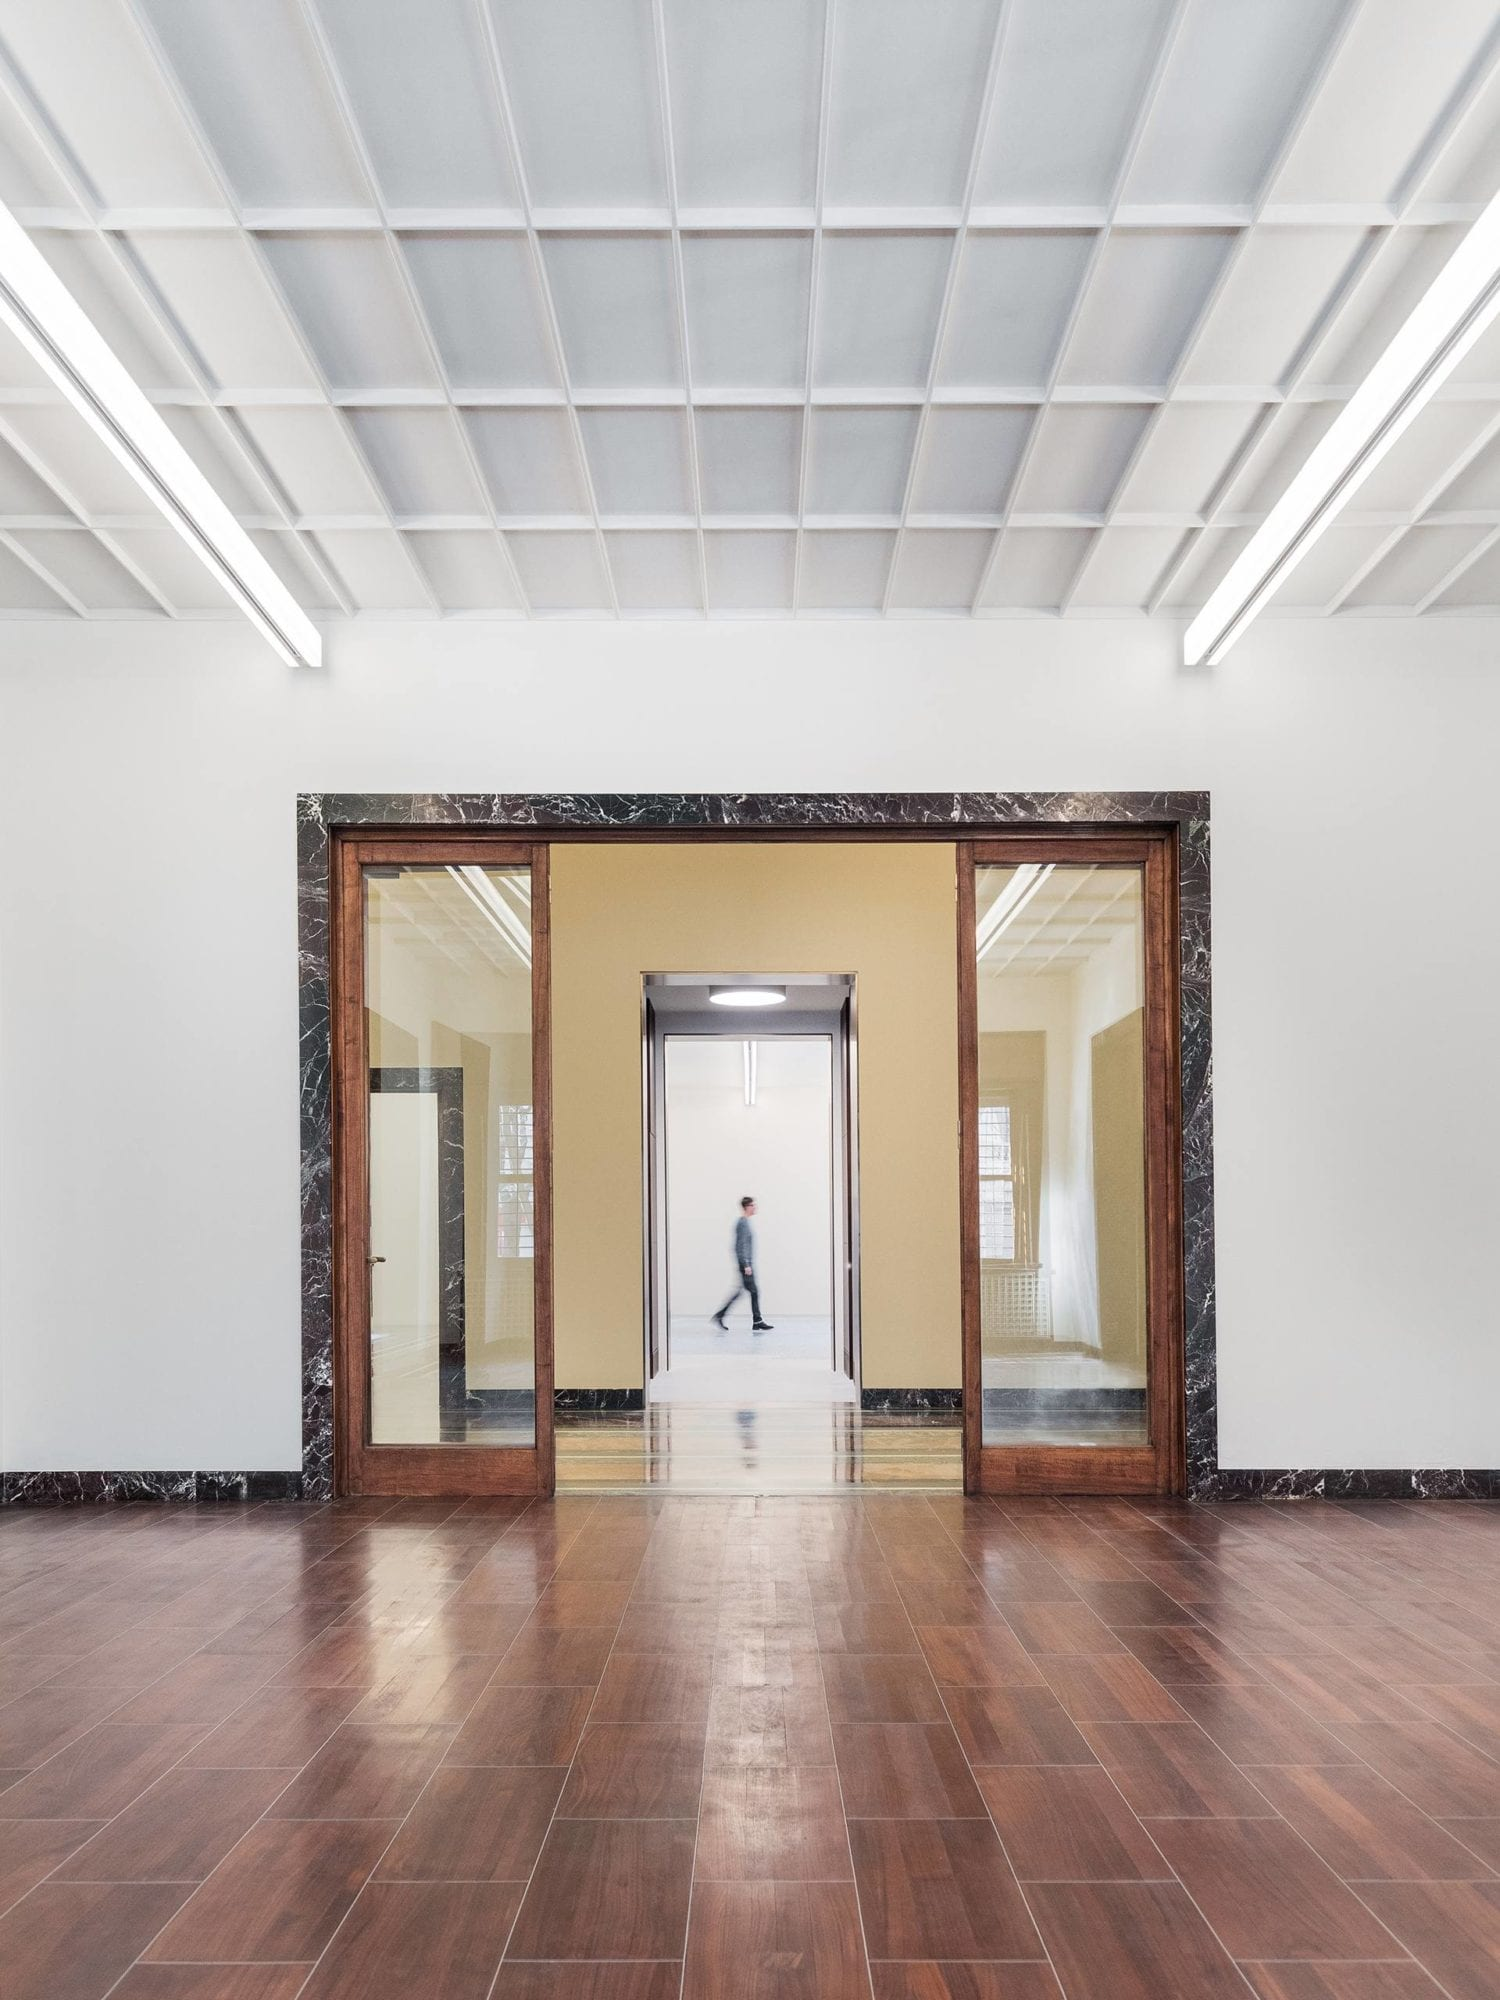 1930s Piero Portaluppi Milan Apartment Transformed Into Massimo De Carlo Gallery By Studio Binocle And Antonio Citterio Yellowtrace 10